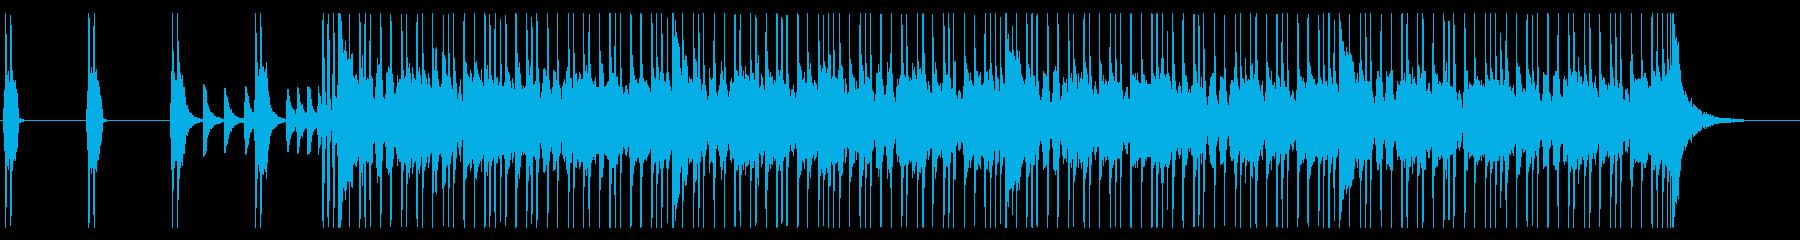 ロックギターリフ5の再生済みの波形